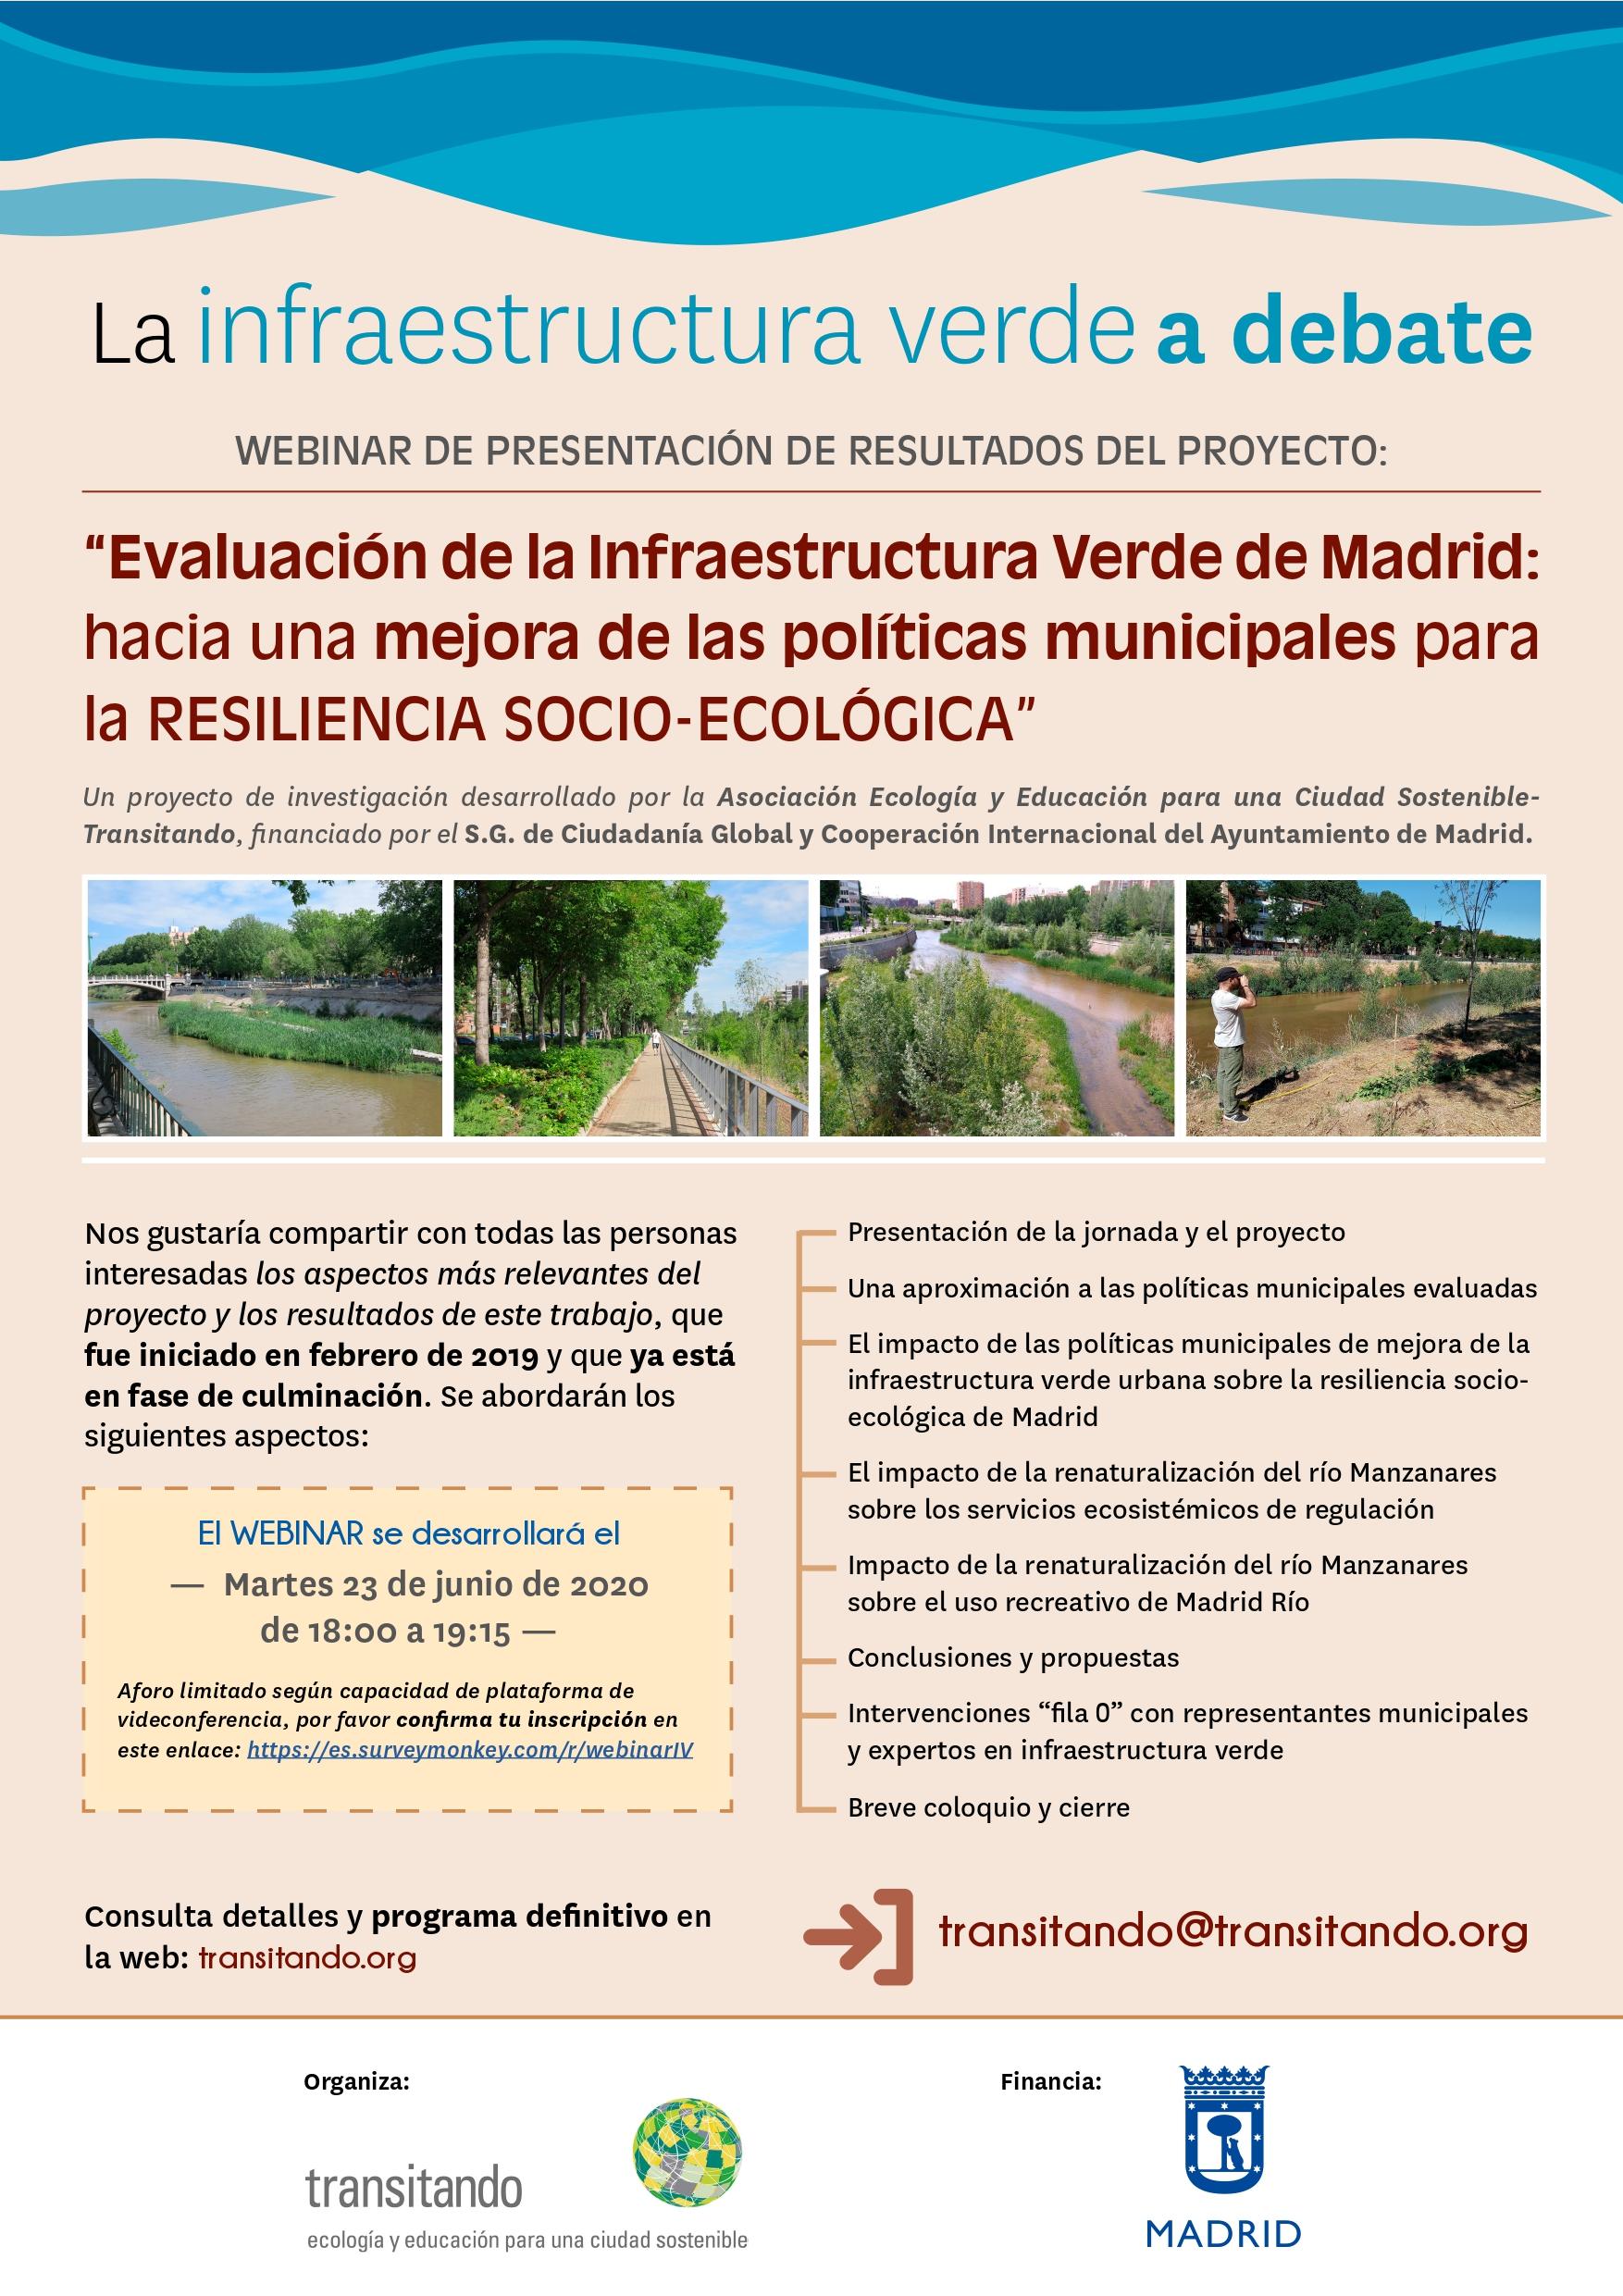 Evaluación de la infraestructura verde de Madrid: presentación de resultados finales